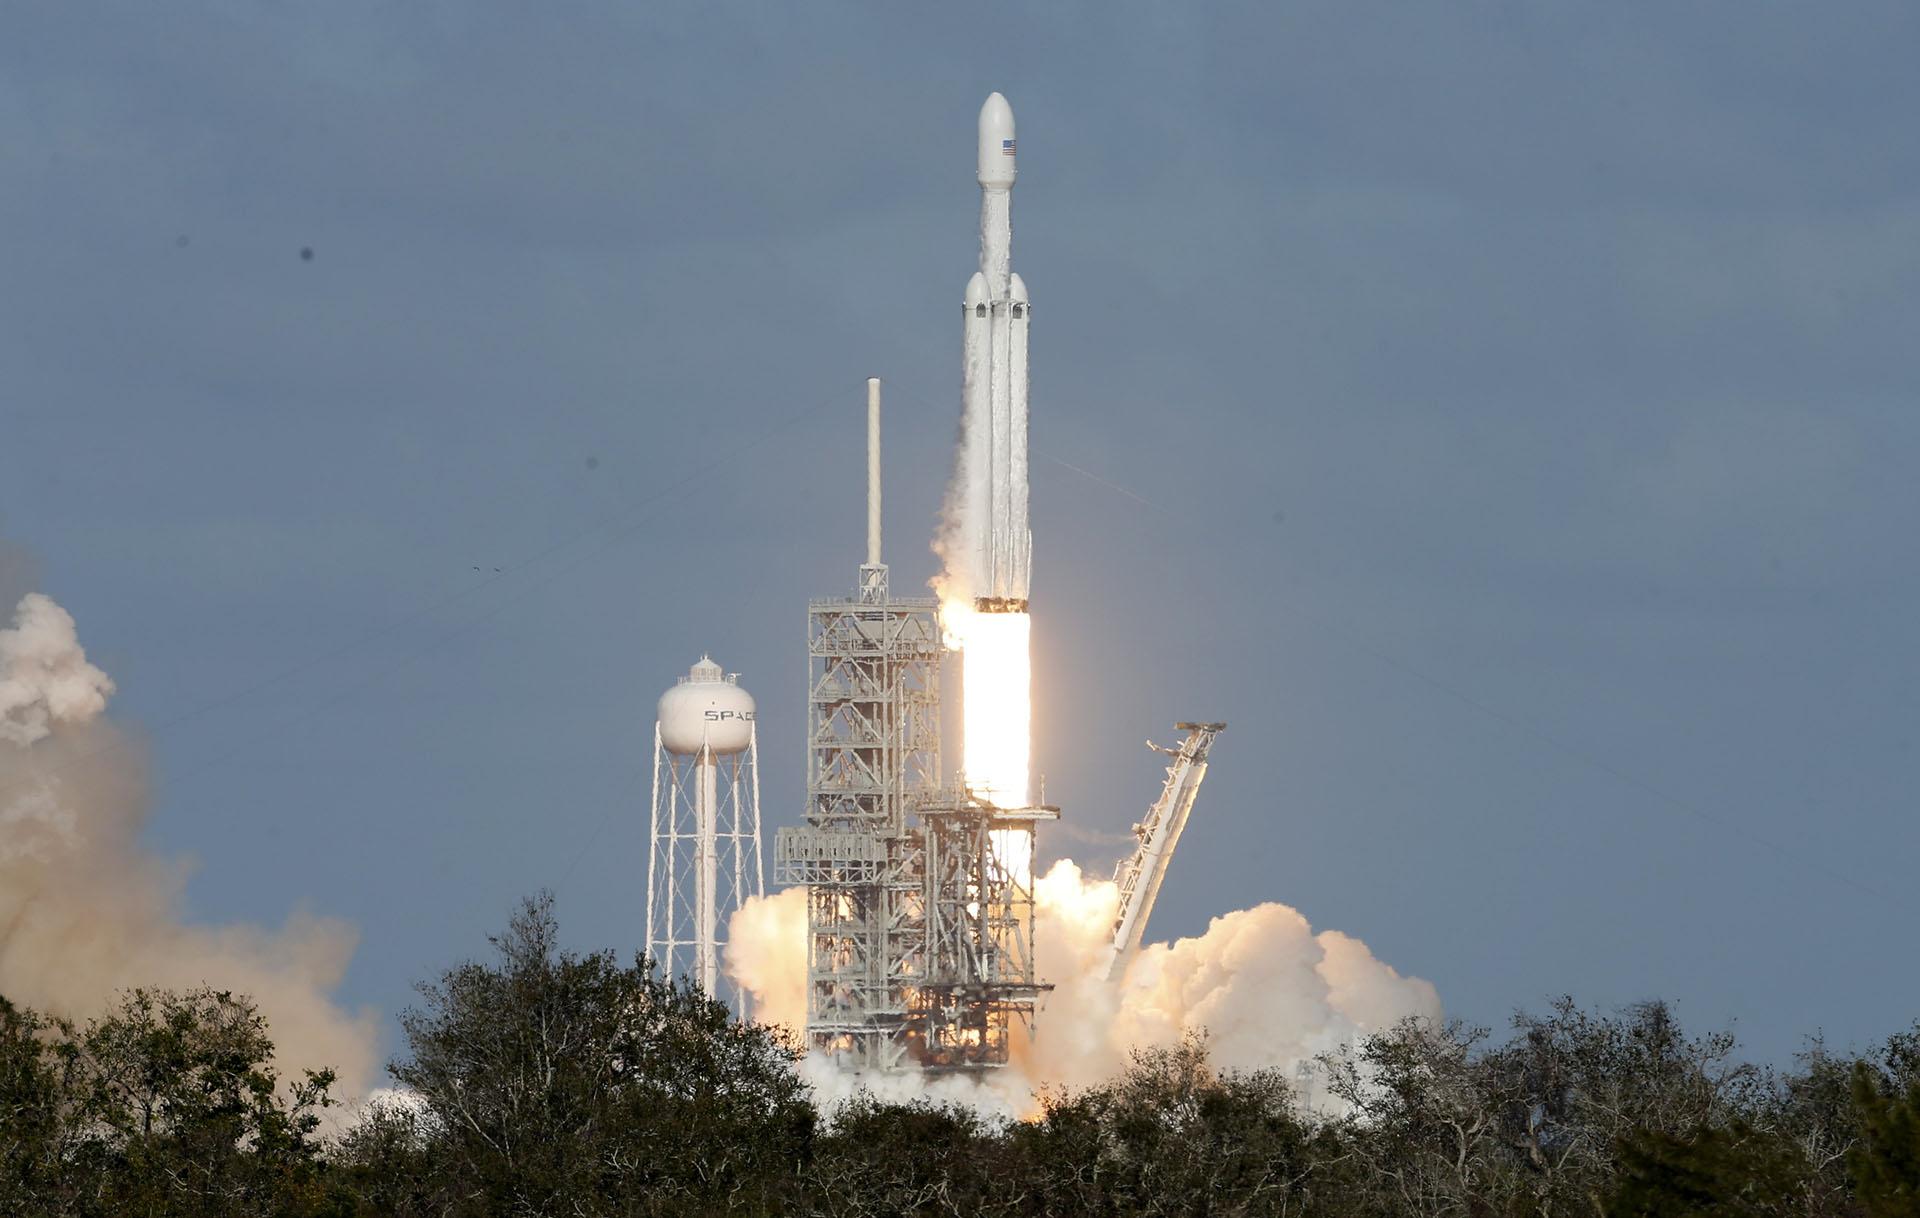 El cohete tiene 70 metros de alto e integra una estructura de tres Falcon 9